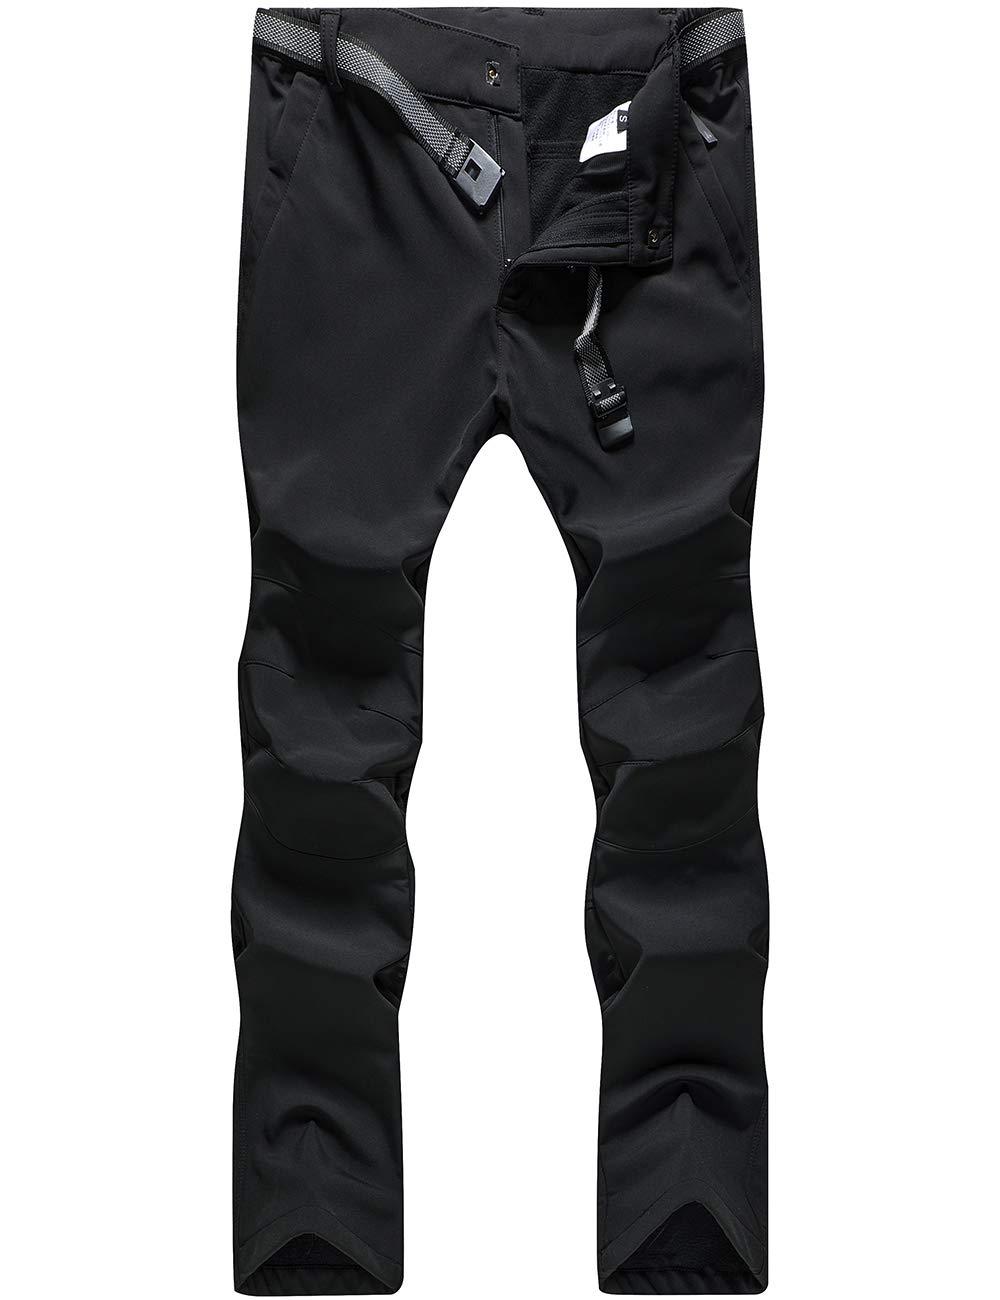 BenBoy Women's Outdoor Waterproof Windproof Fleece Slim Cargo Snow Ski Hiking Pants (Black2, M) by BenBoy